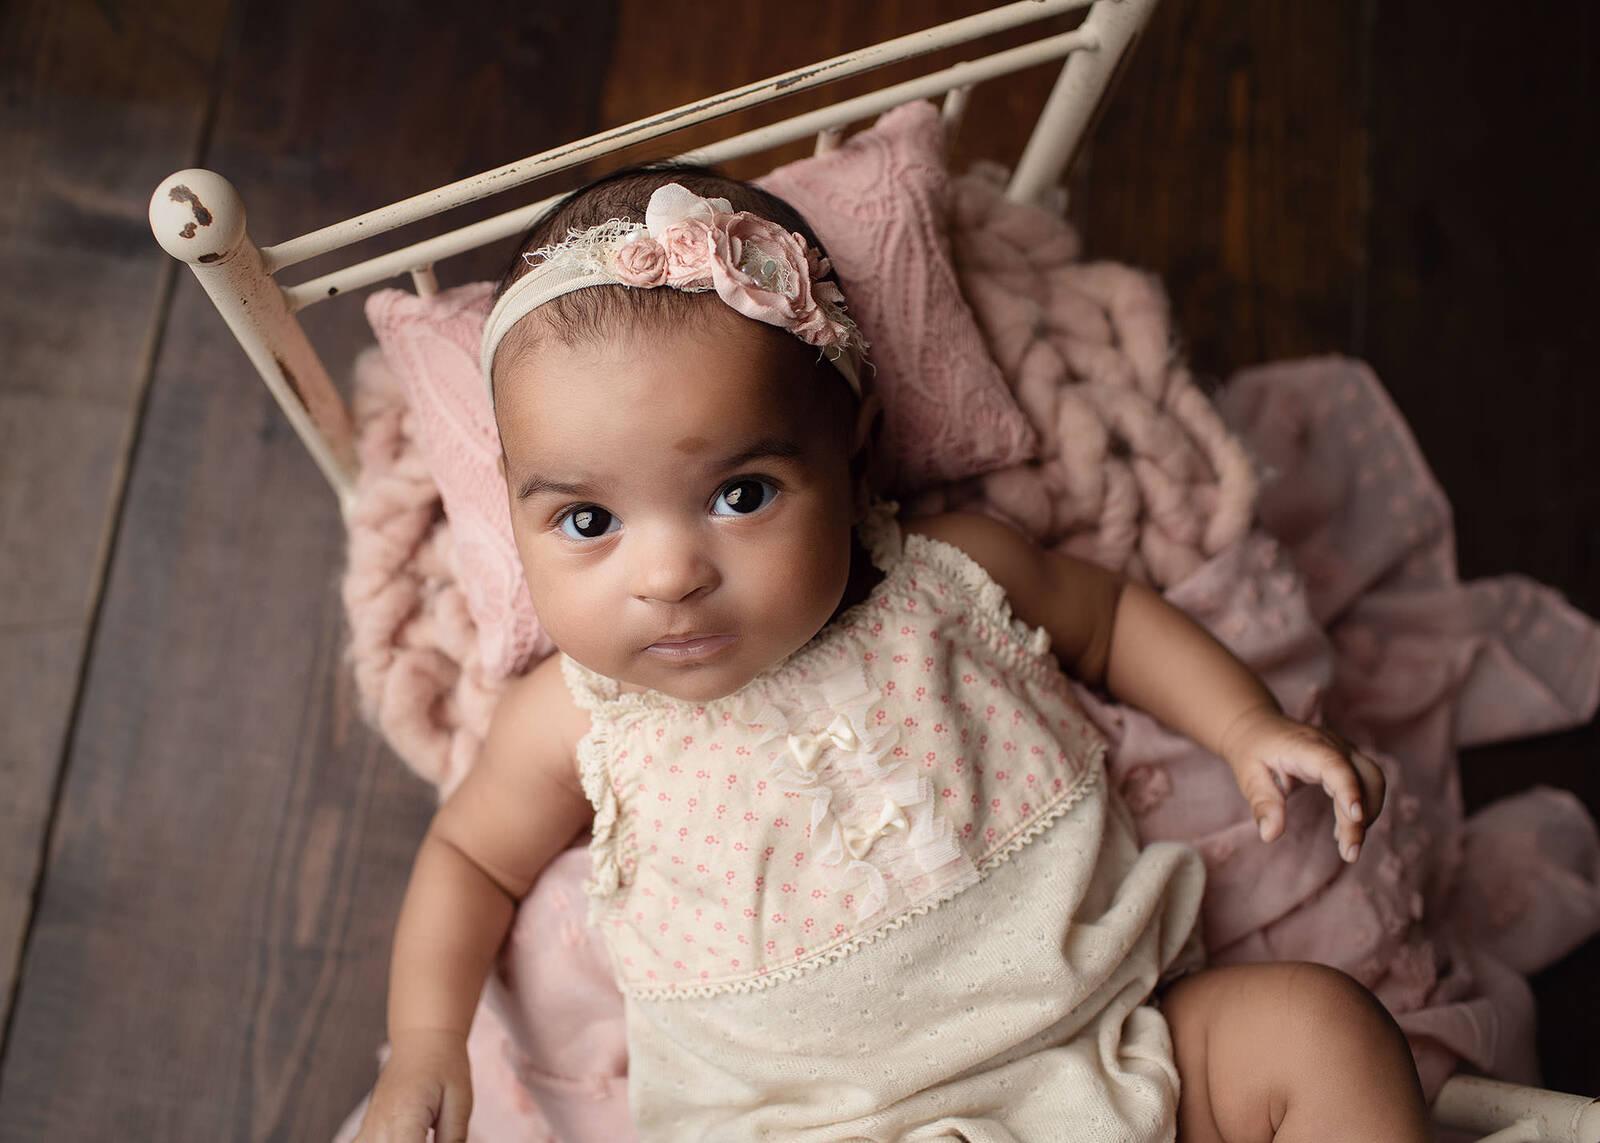 baby girl photo session in studio